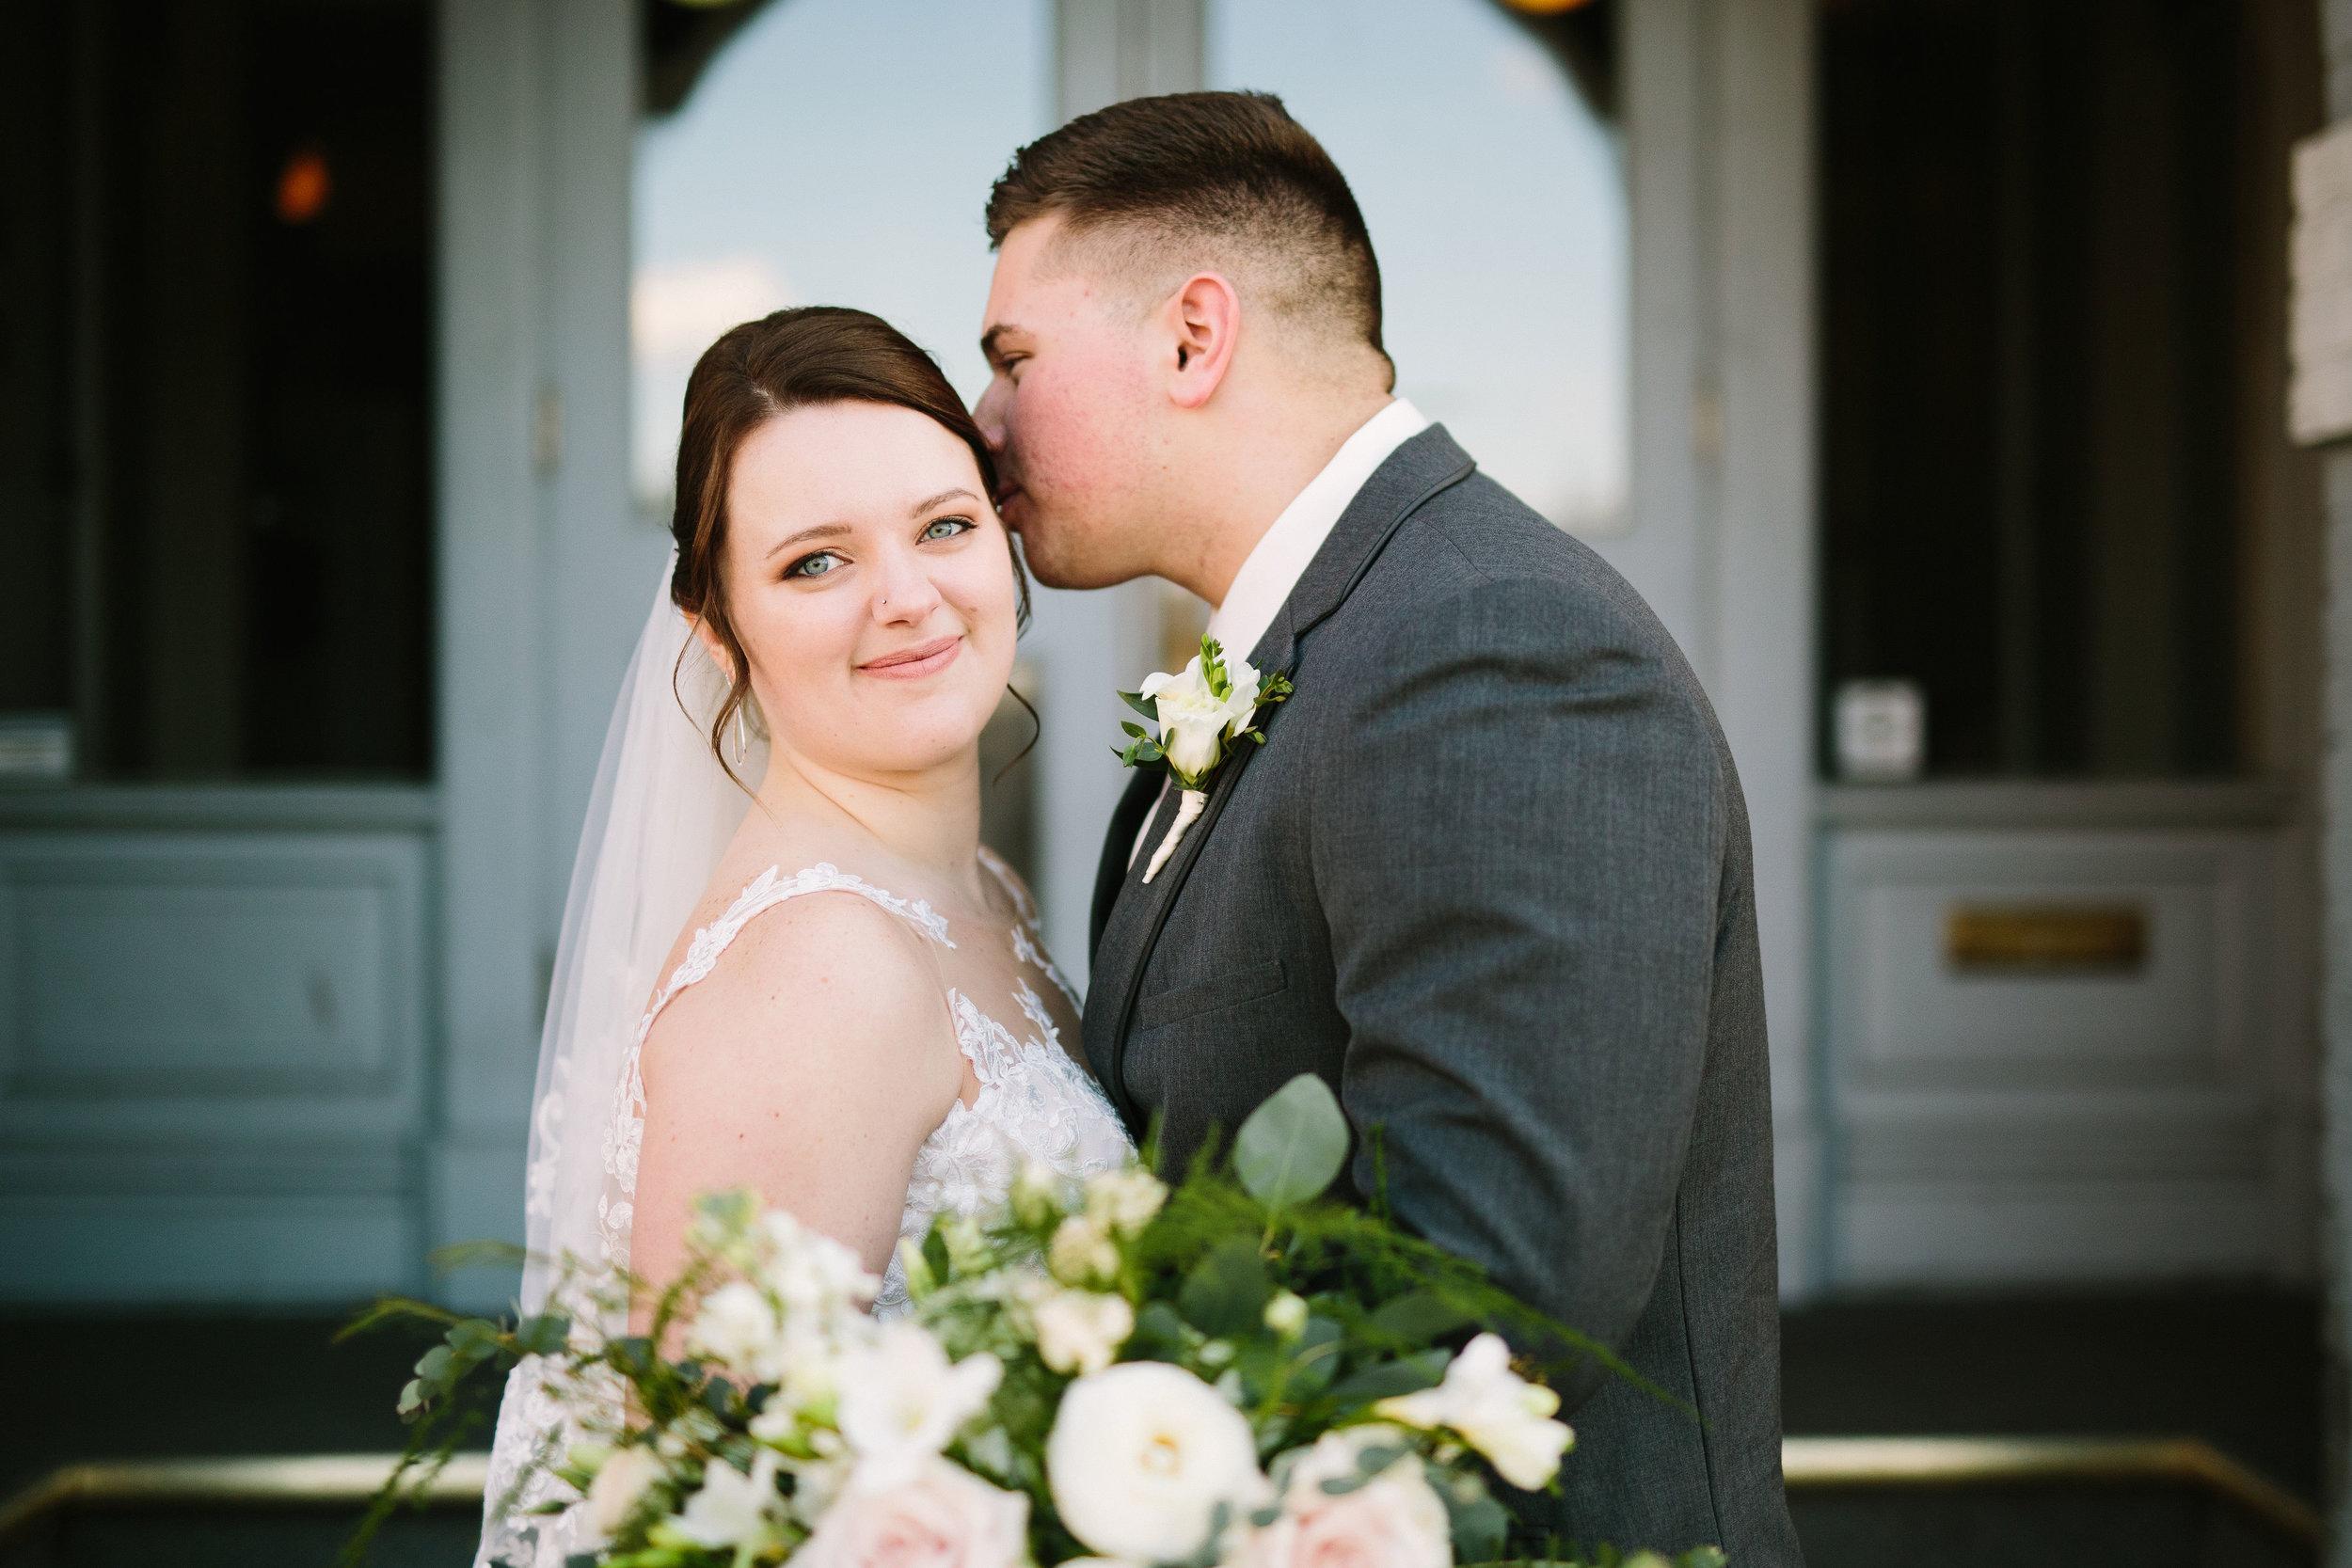 Fun Rustic spokane wedding groom kissing bride on cheek before wedding